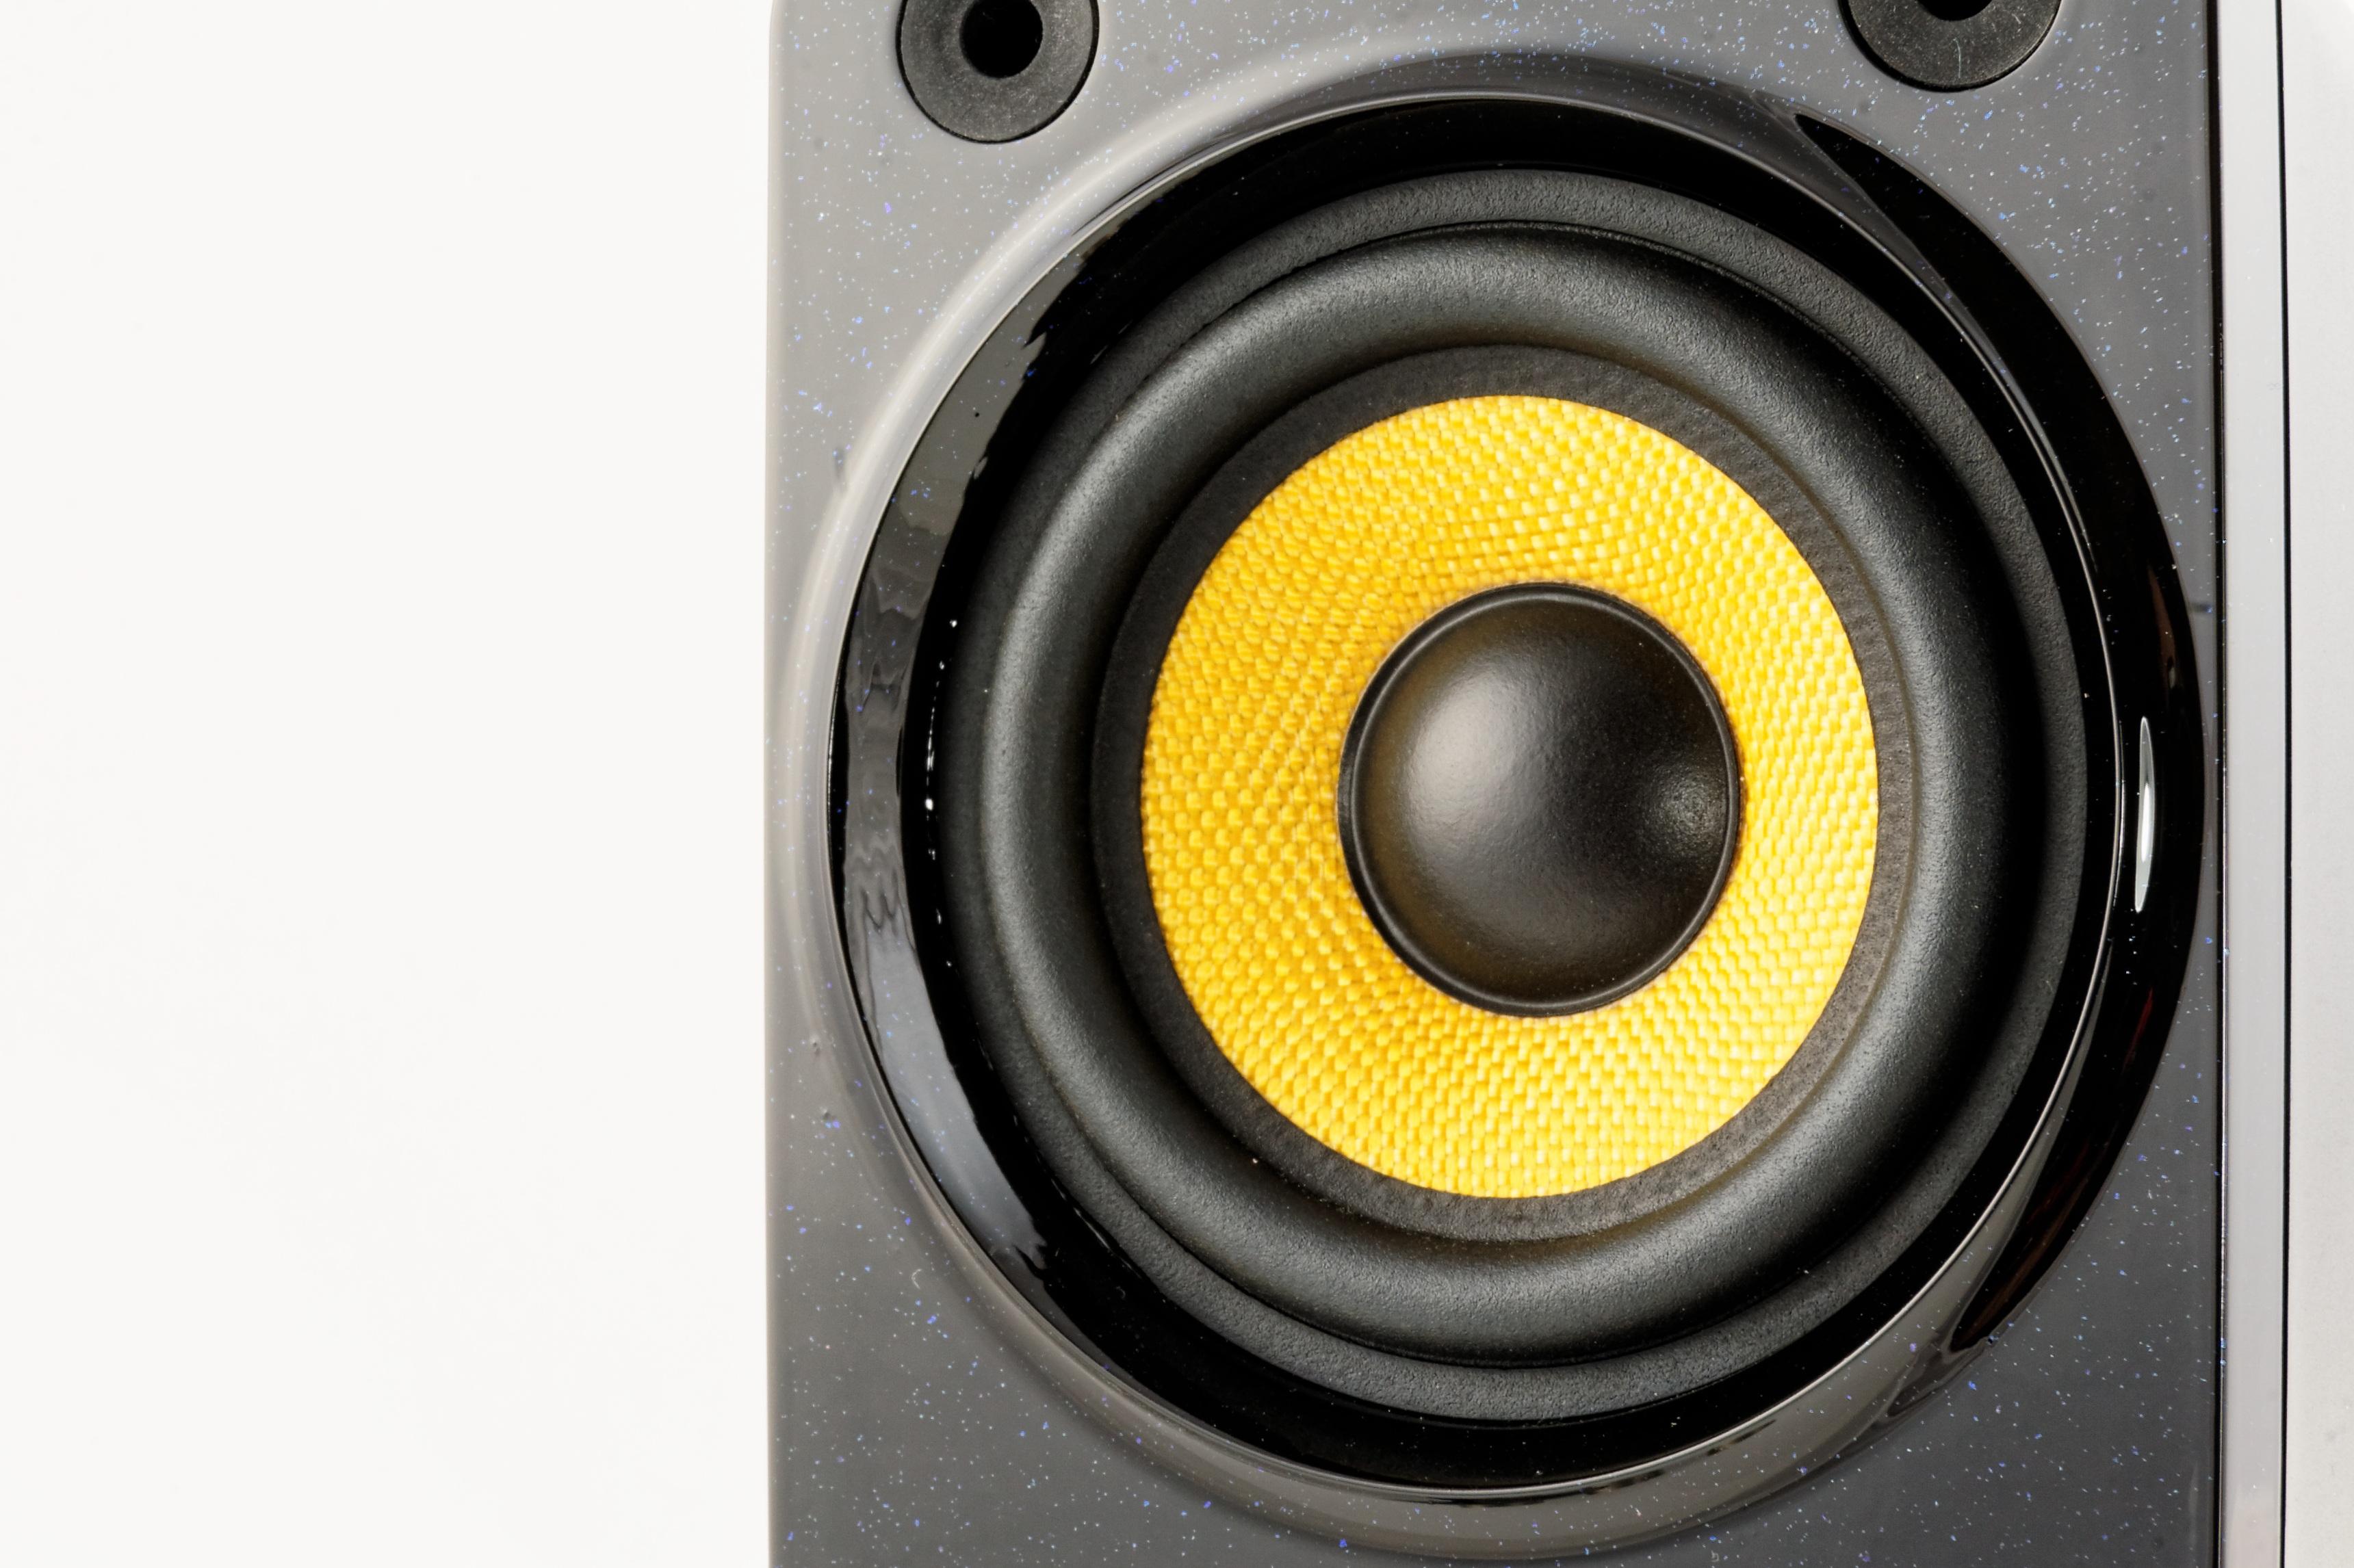 Скачать колонки на компьютер для звука бесплатно